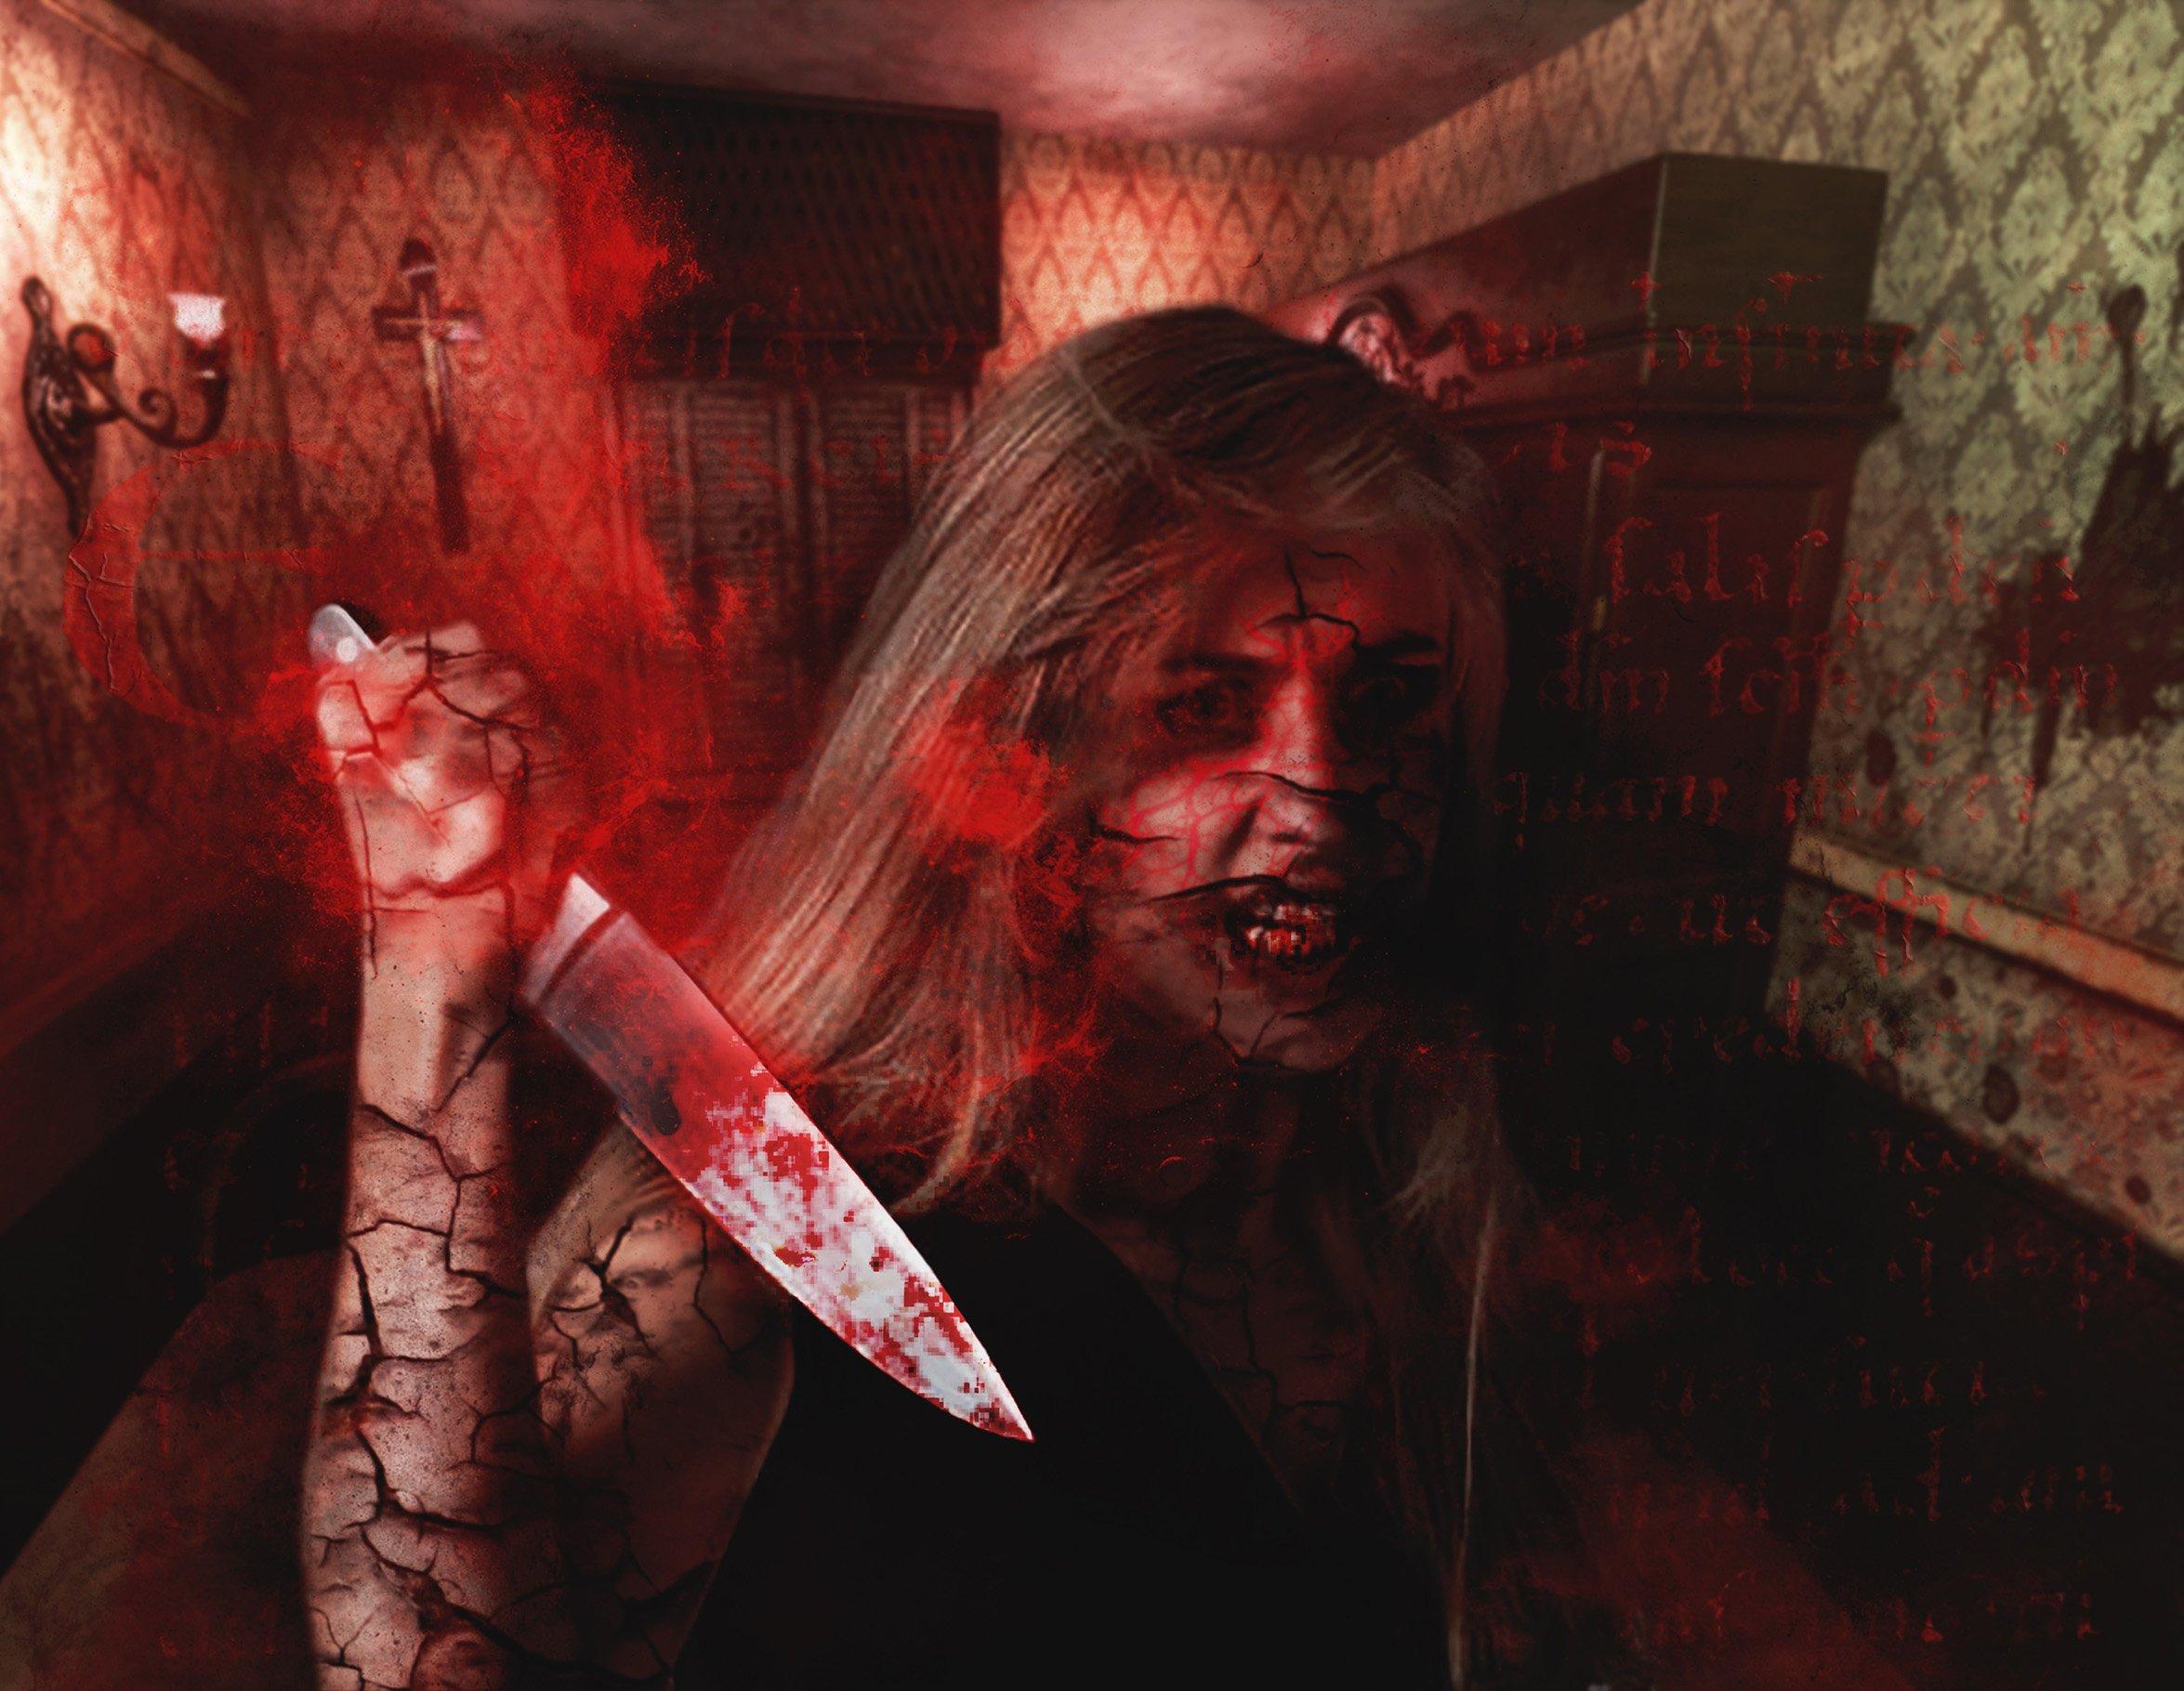 Exorcism Photoshop Action 4 - دانلود اکشن فتوشاپ جنگیری Exorcism